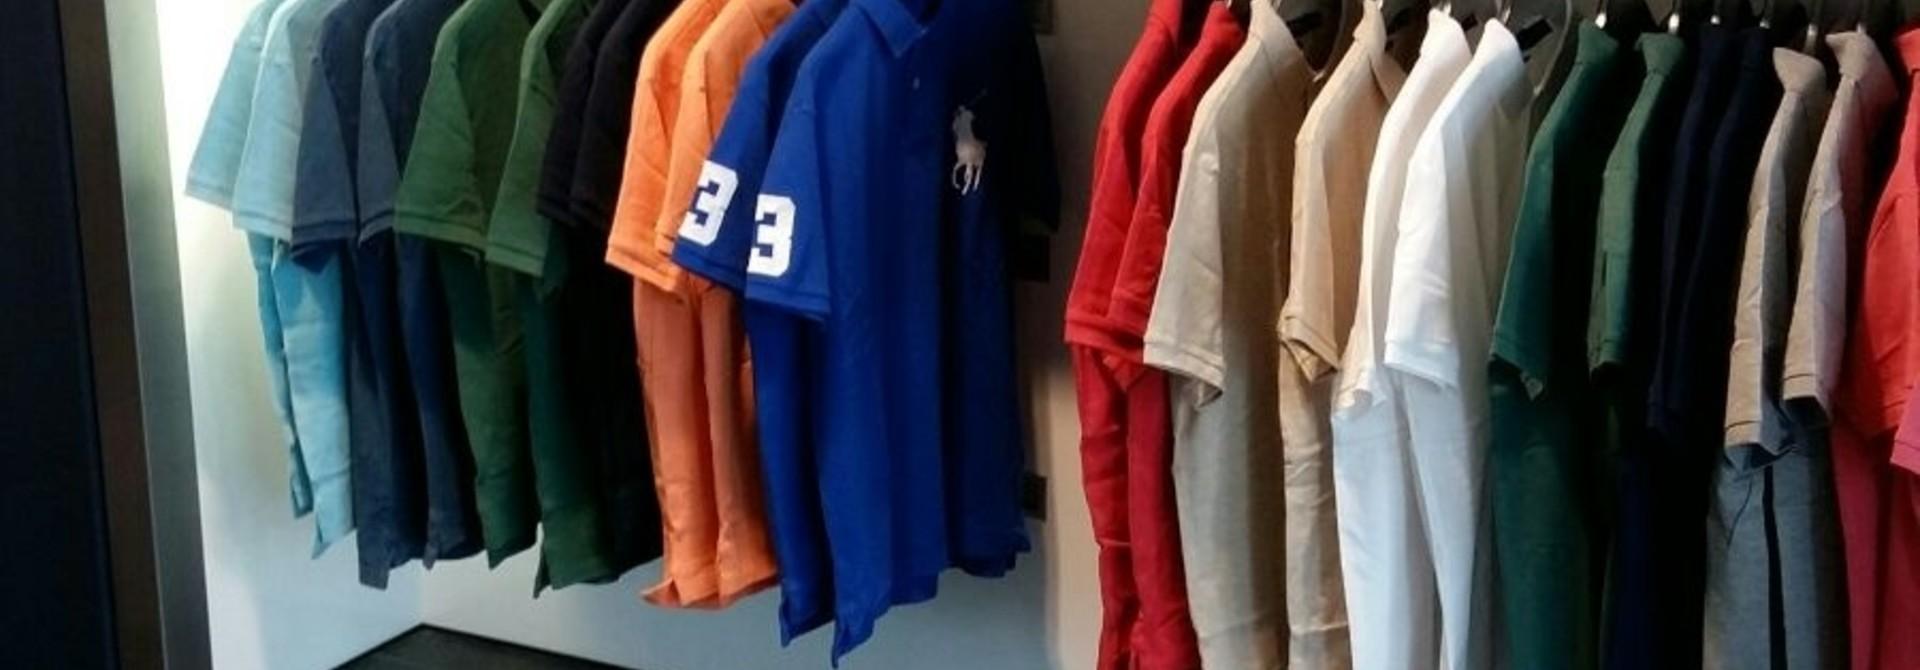 De nieuwe collectie van Polo Ralph Lauren